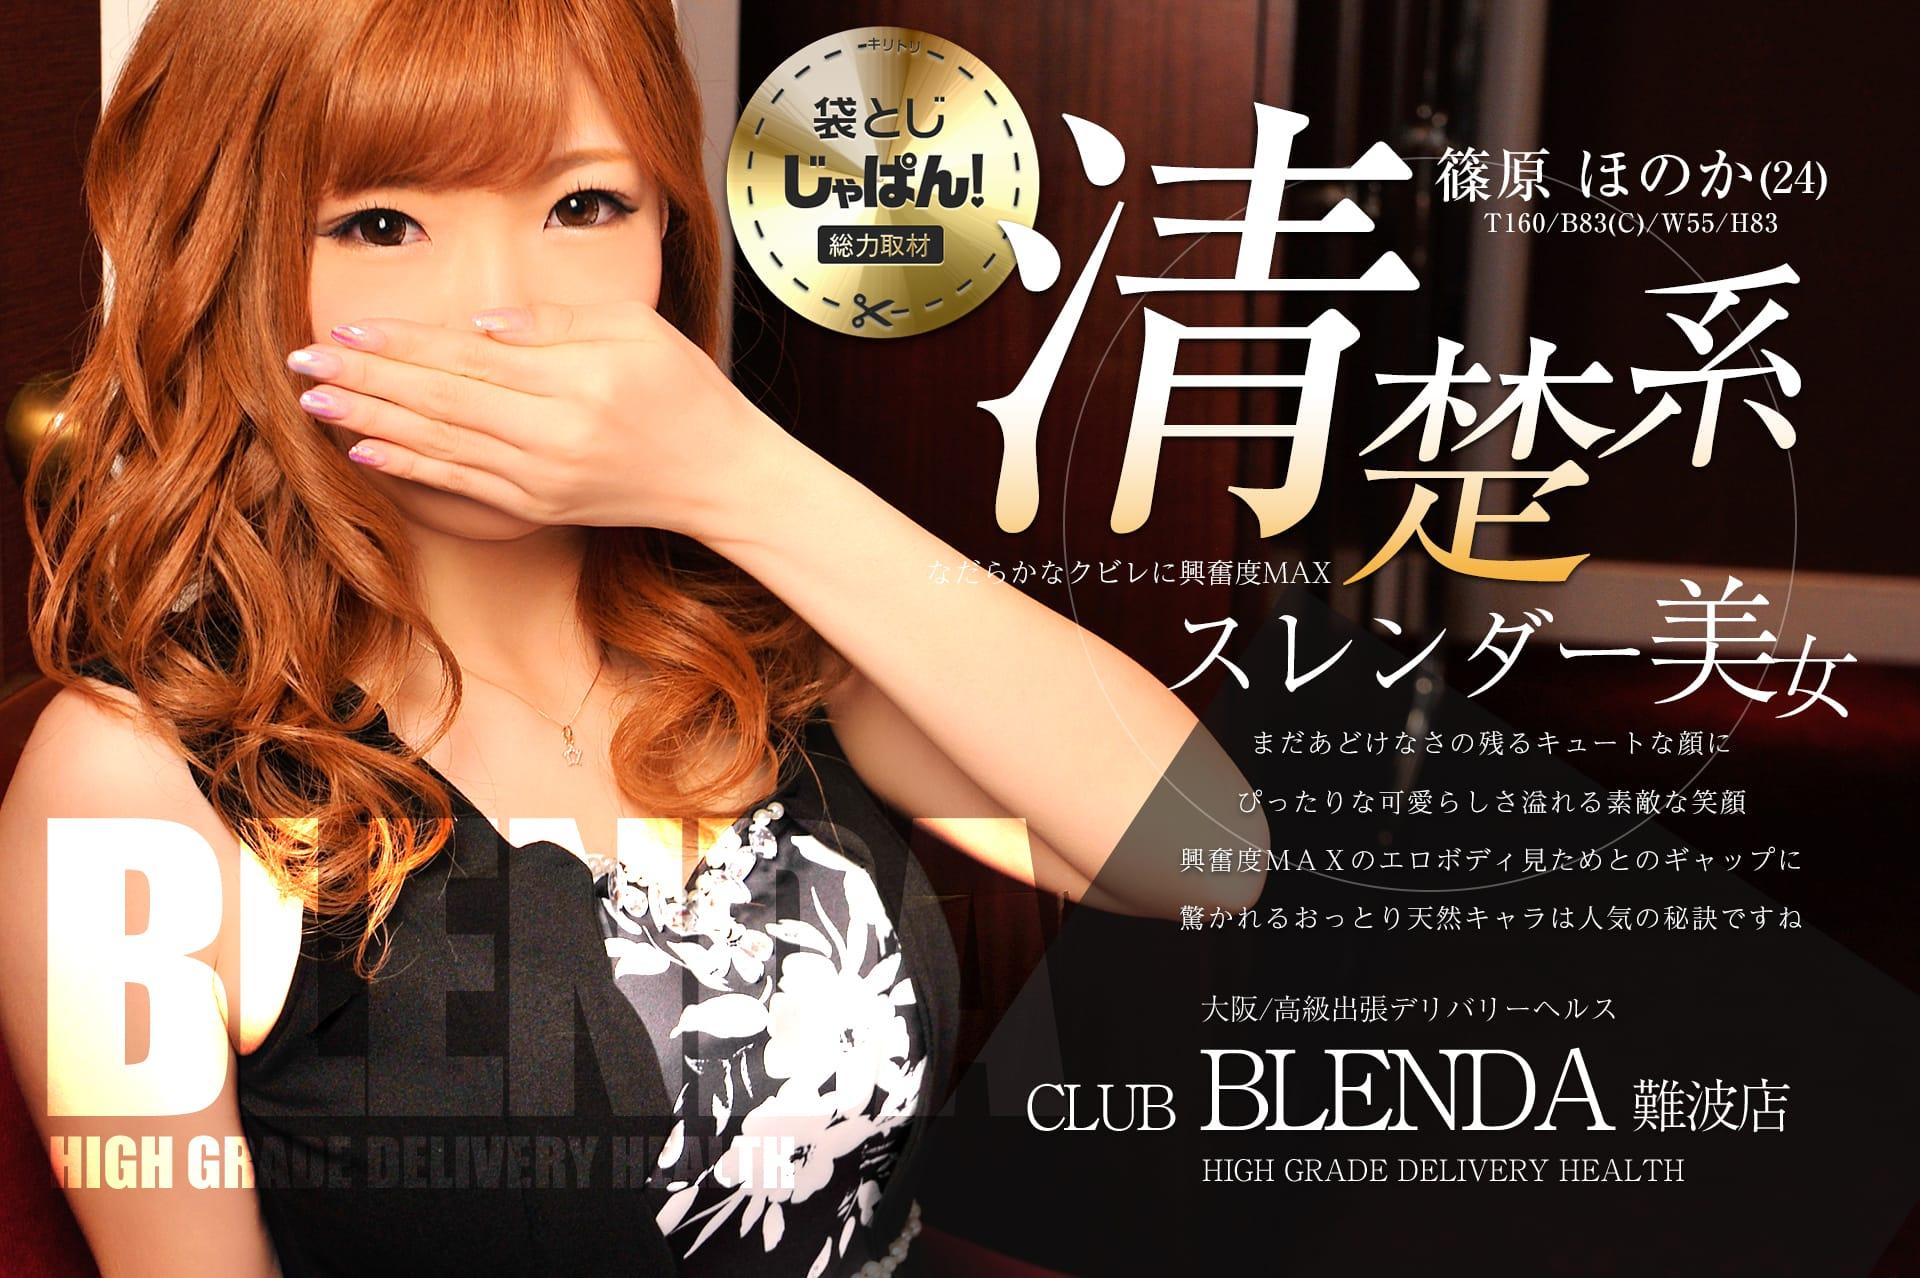 袋とじじゃぱん!総力取材 club BLENDA(ブレンダ) 難波店 篠原 ほのか(24) B85(C)/W55/H82